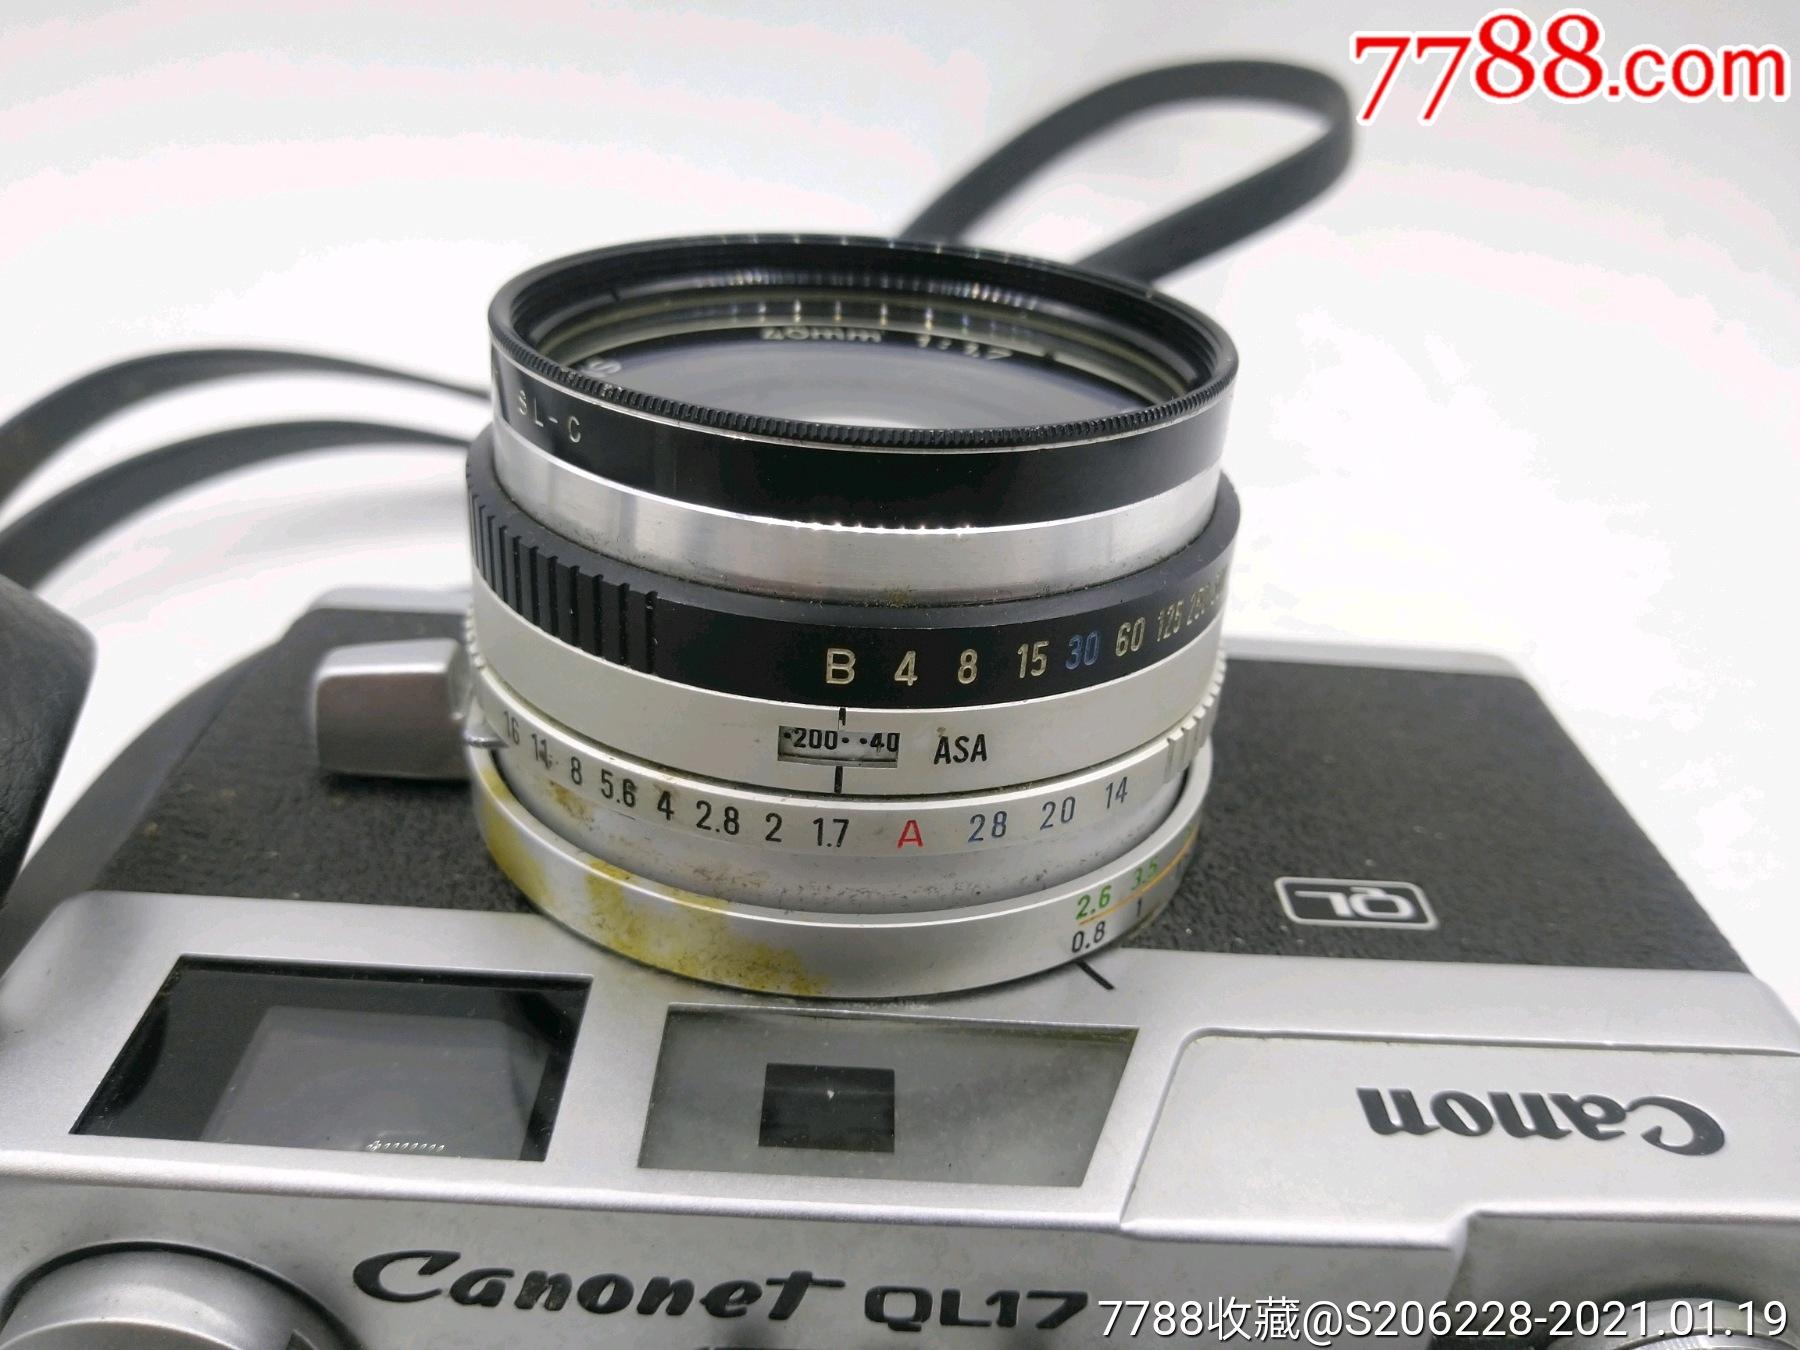 229★Canon_Canonet-QL17旁軸相機/機身編號:643049_價格260元_第16張_